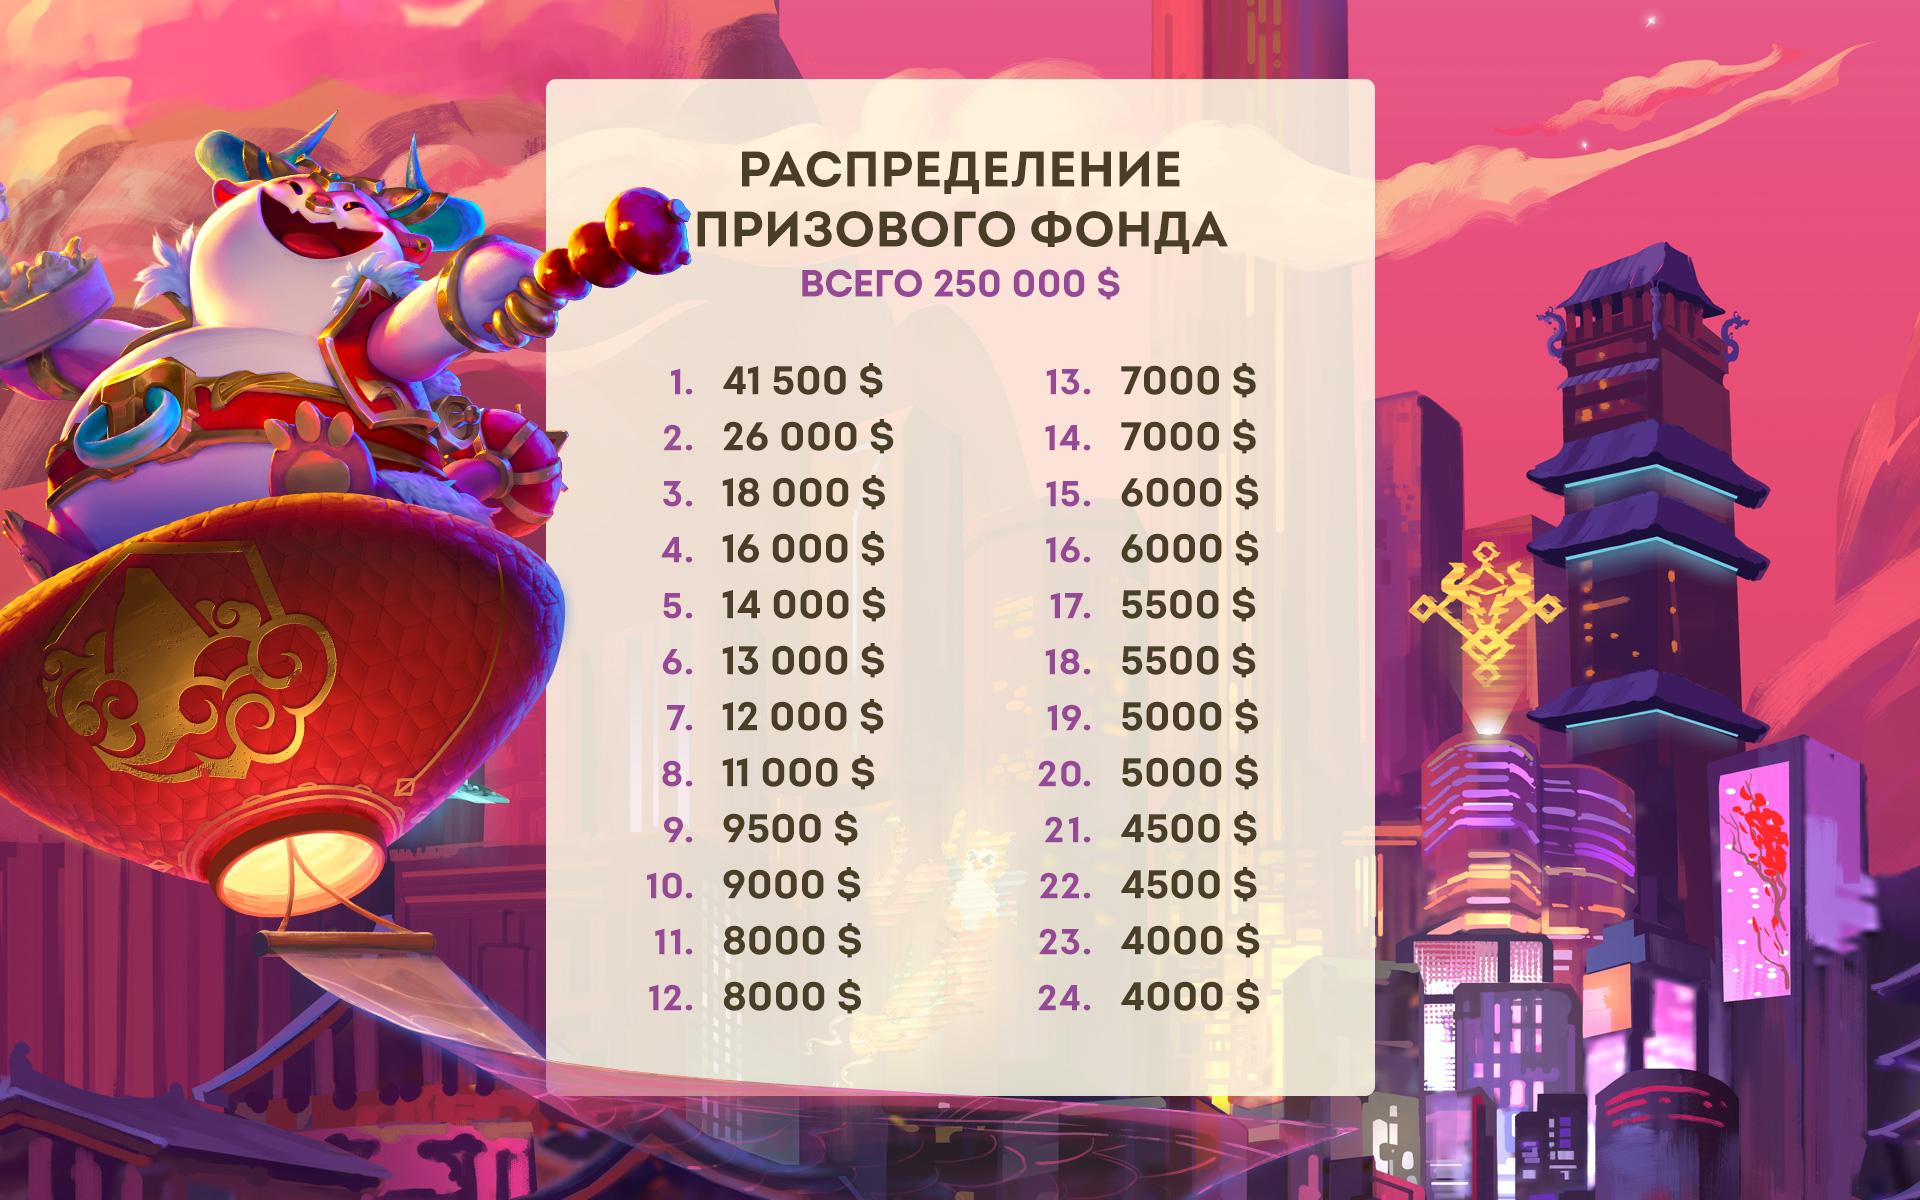 03-Prize_Pool_RU_(1).jpg